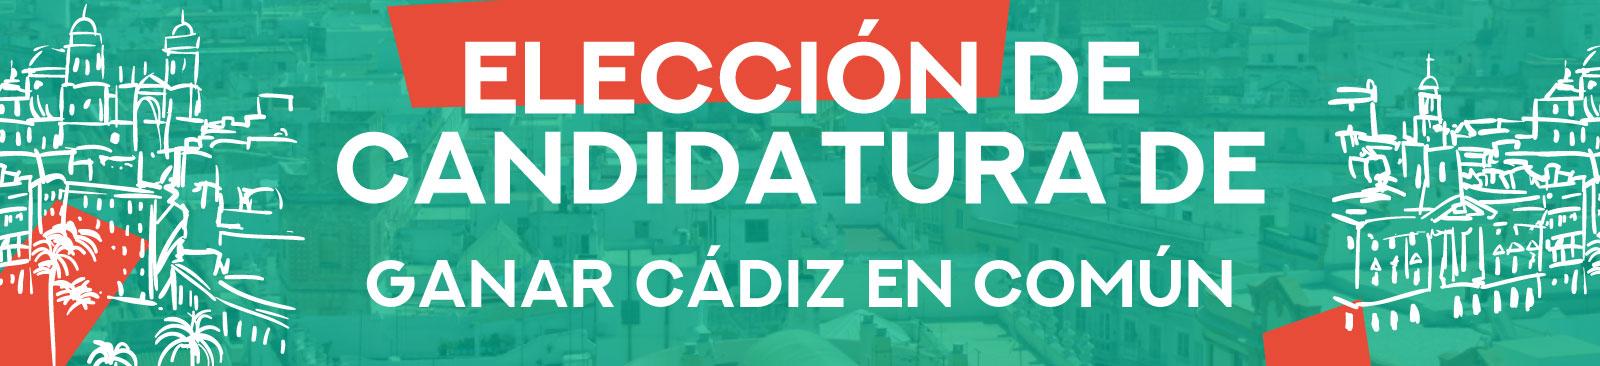 ELECCION-CANDIDATURA-2019